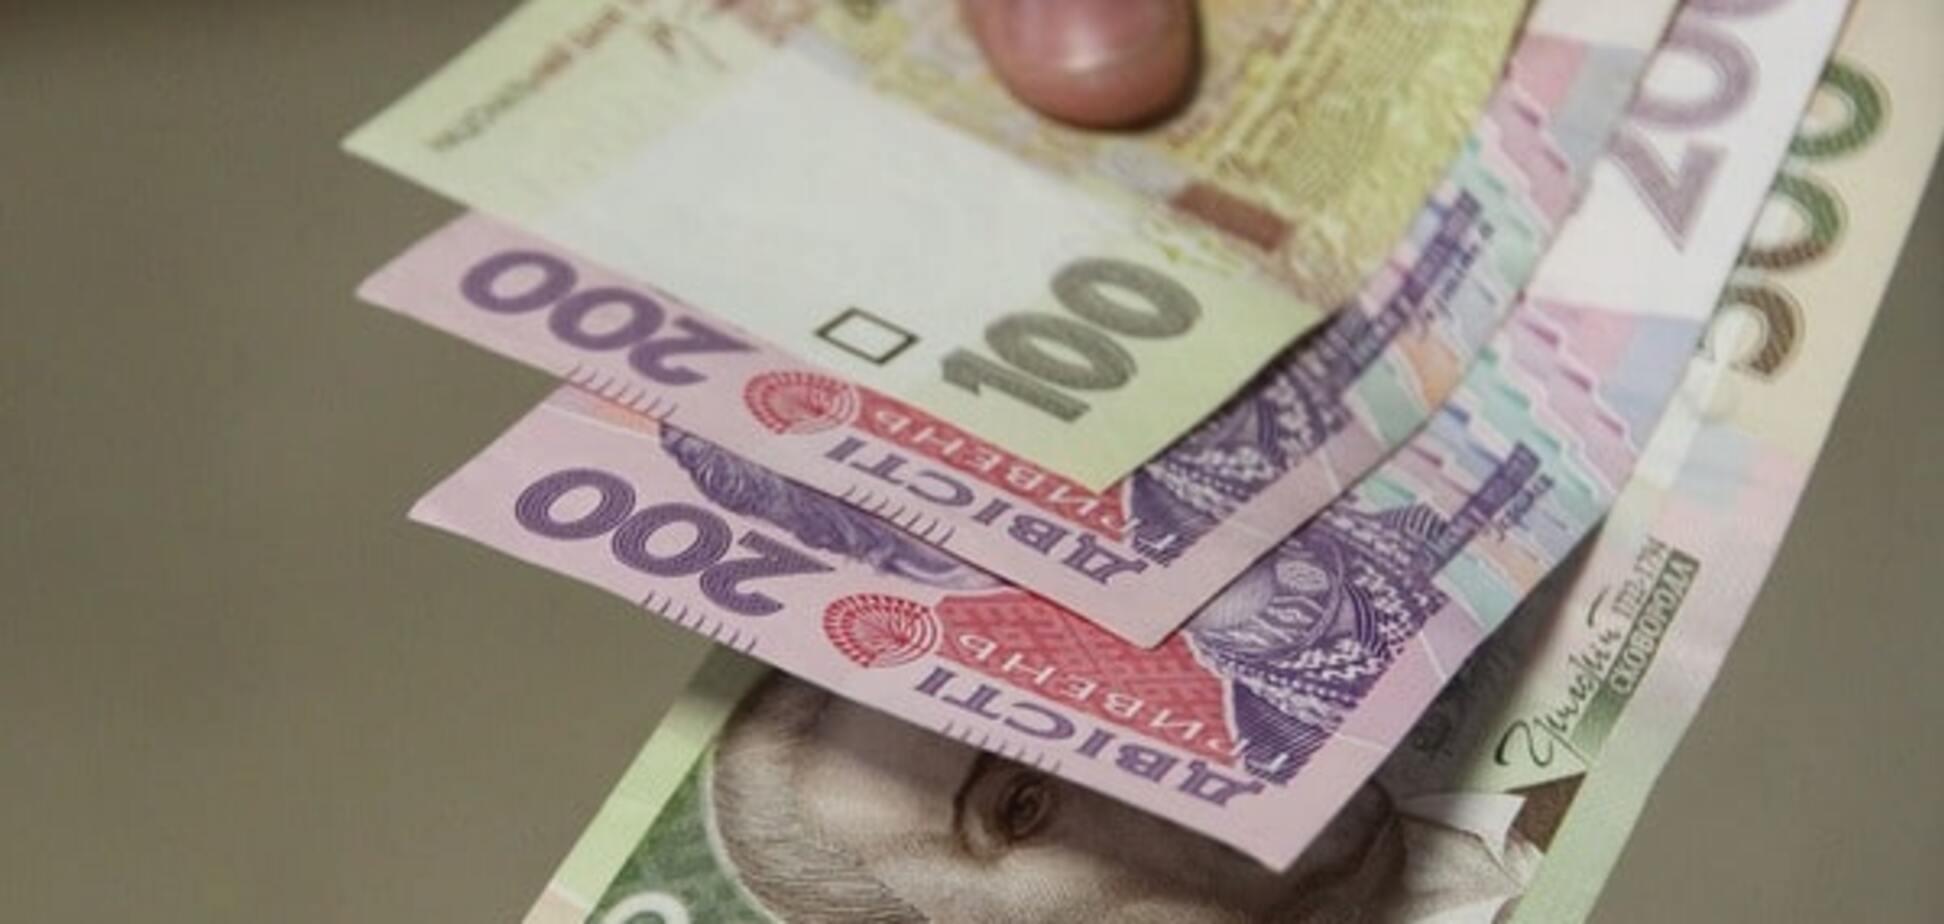 Бюджет-2016: как будут жить украинцы в наступающем году. Инфографика